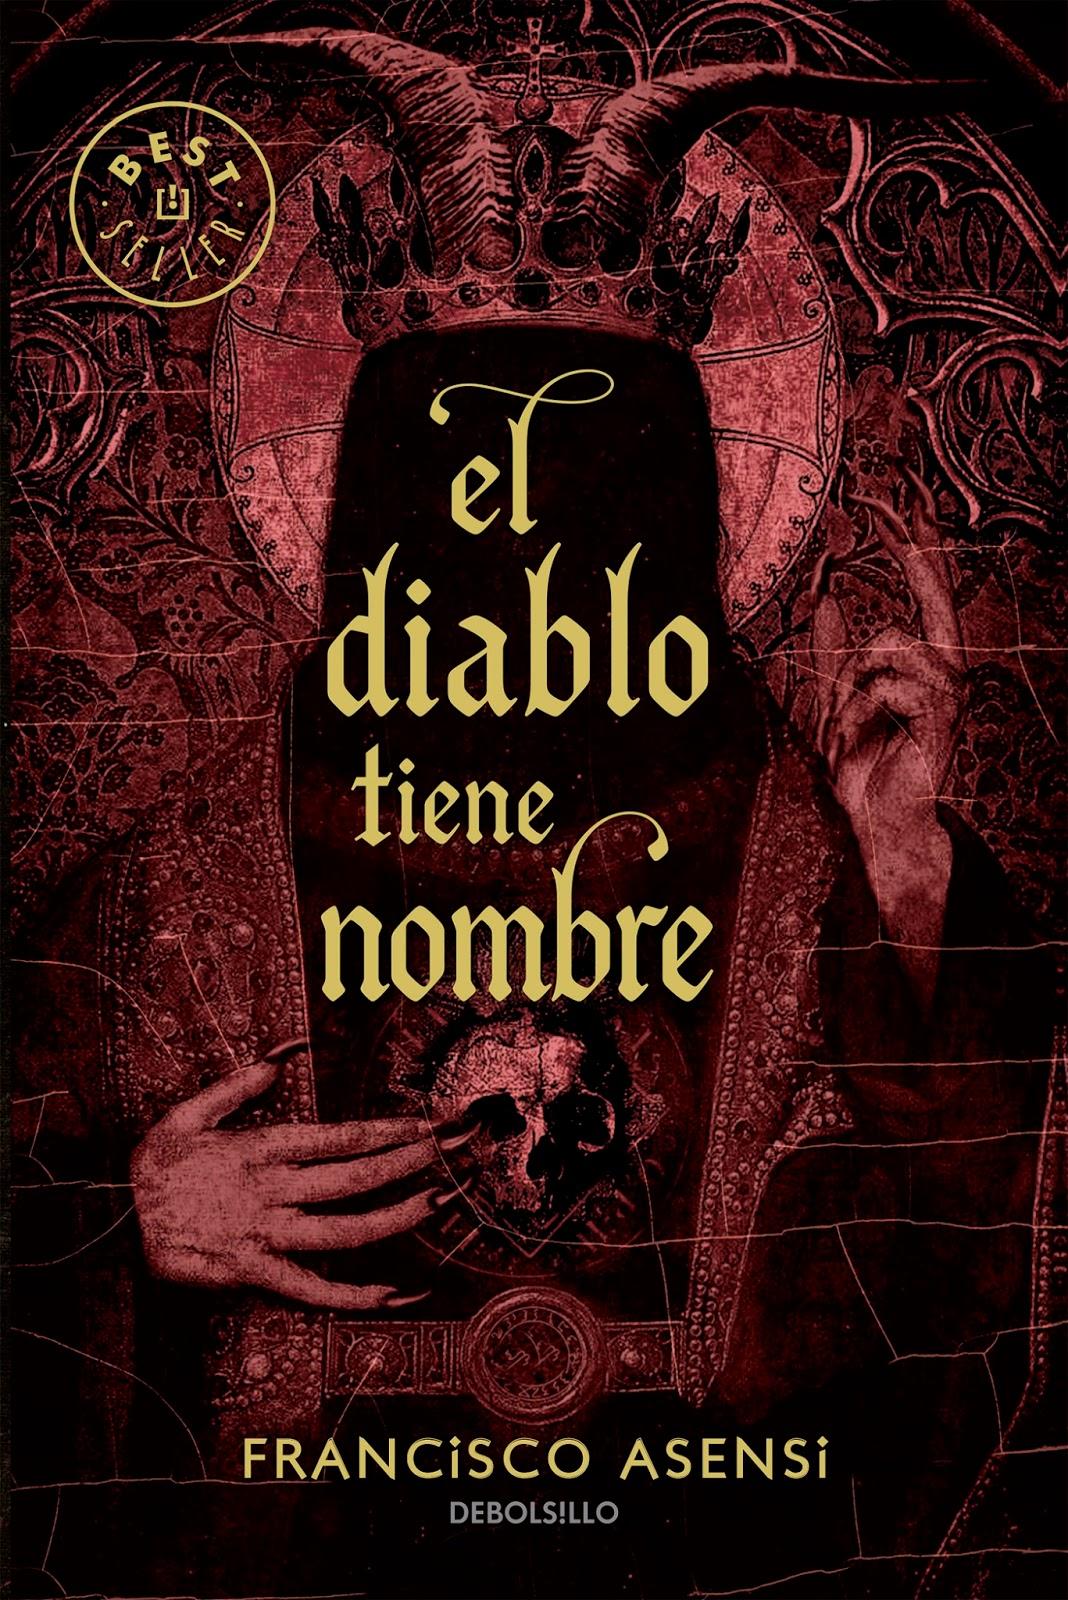 Adictos a los libros rese a el diablo tiene nombre - Nombres de librerias famosas ...